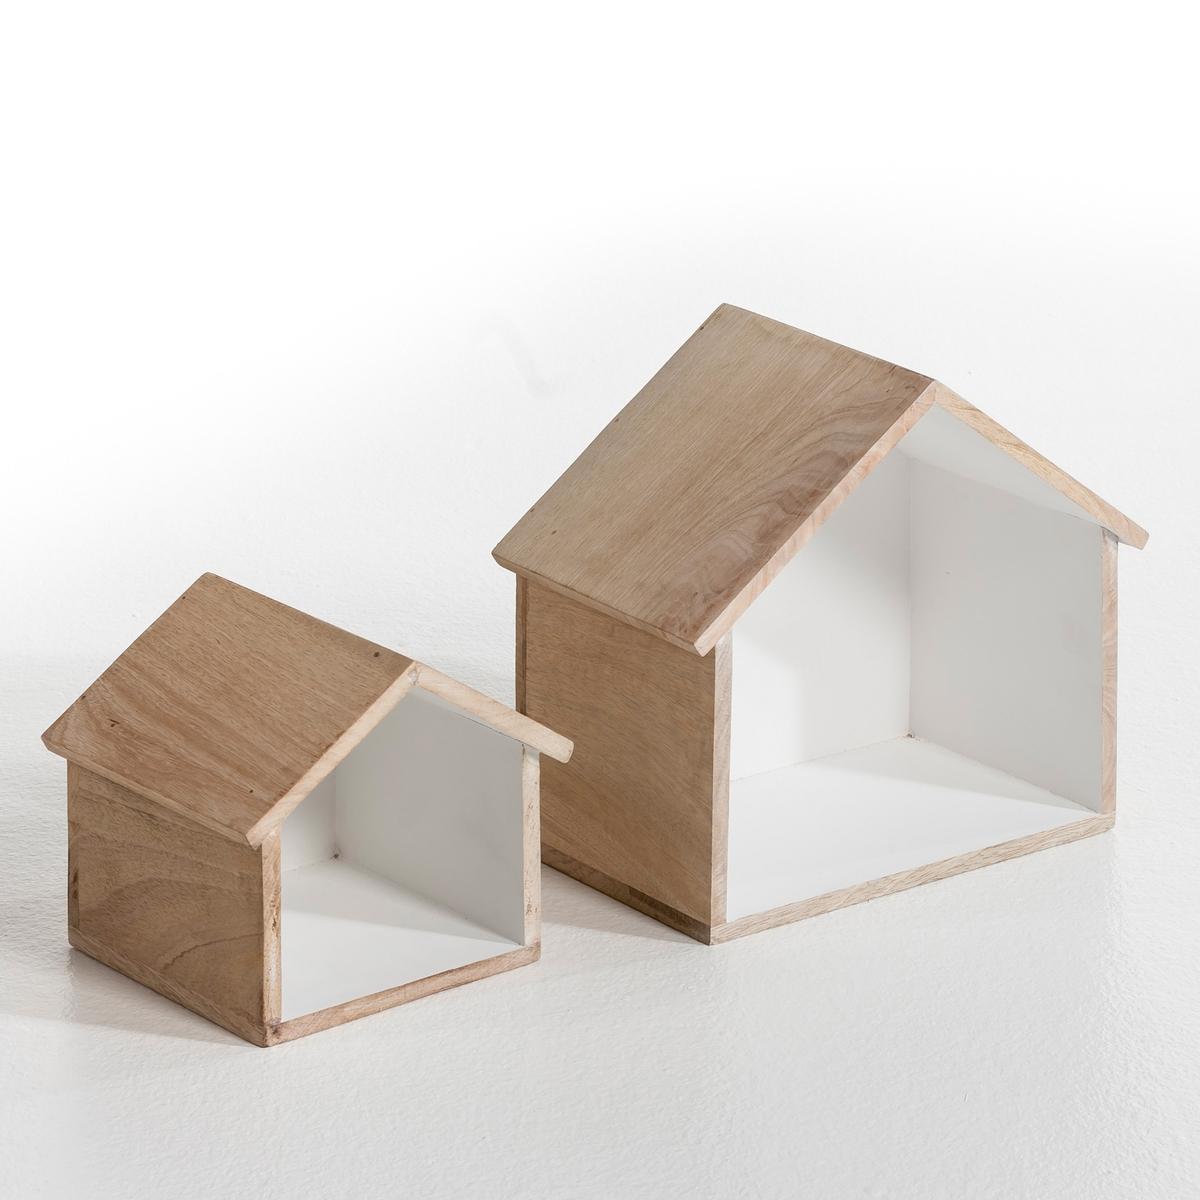 Полка в форме дома (2 шт.)  В18 и В27 см, CaseПолки в форме дома можно повесить или поставить. Из твёрдого мангового дерева, внутри покрыты краской. Маленькая модель : Шир..20 см x высота ок.18 см. Большая модель : Шир..31 x В.27 см. Комплект из 2 полок разного размера, внутренняя часть покрашена в разные цвета, наружная часть - без покрытия, либо полностью без покрытия.Вес:4 кг<br><br>Цвет: серо-бежевый,серый/ярко-розовый,синий/желтый